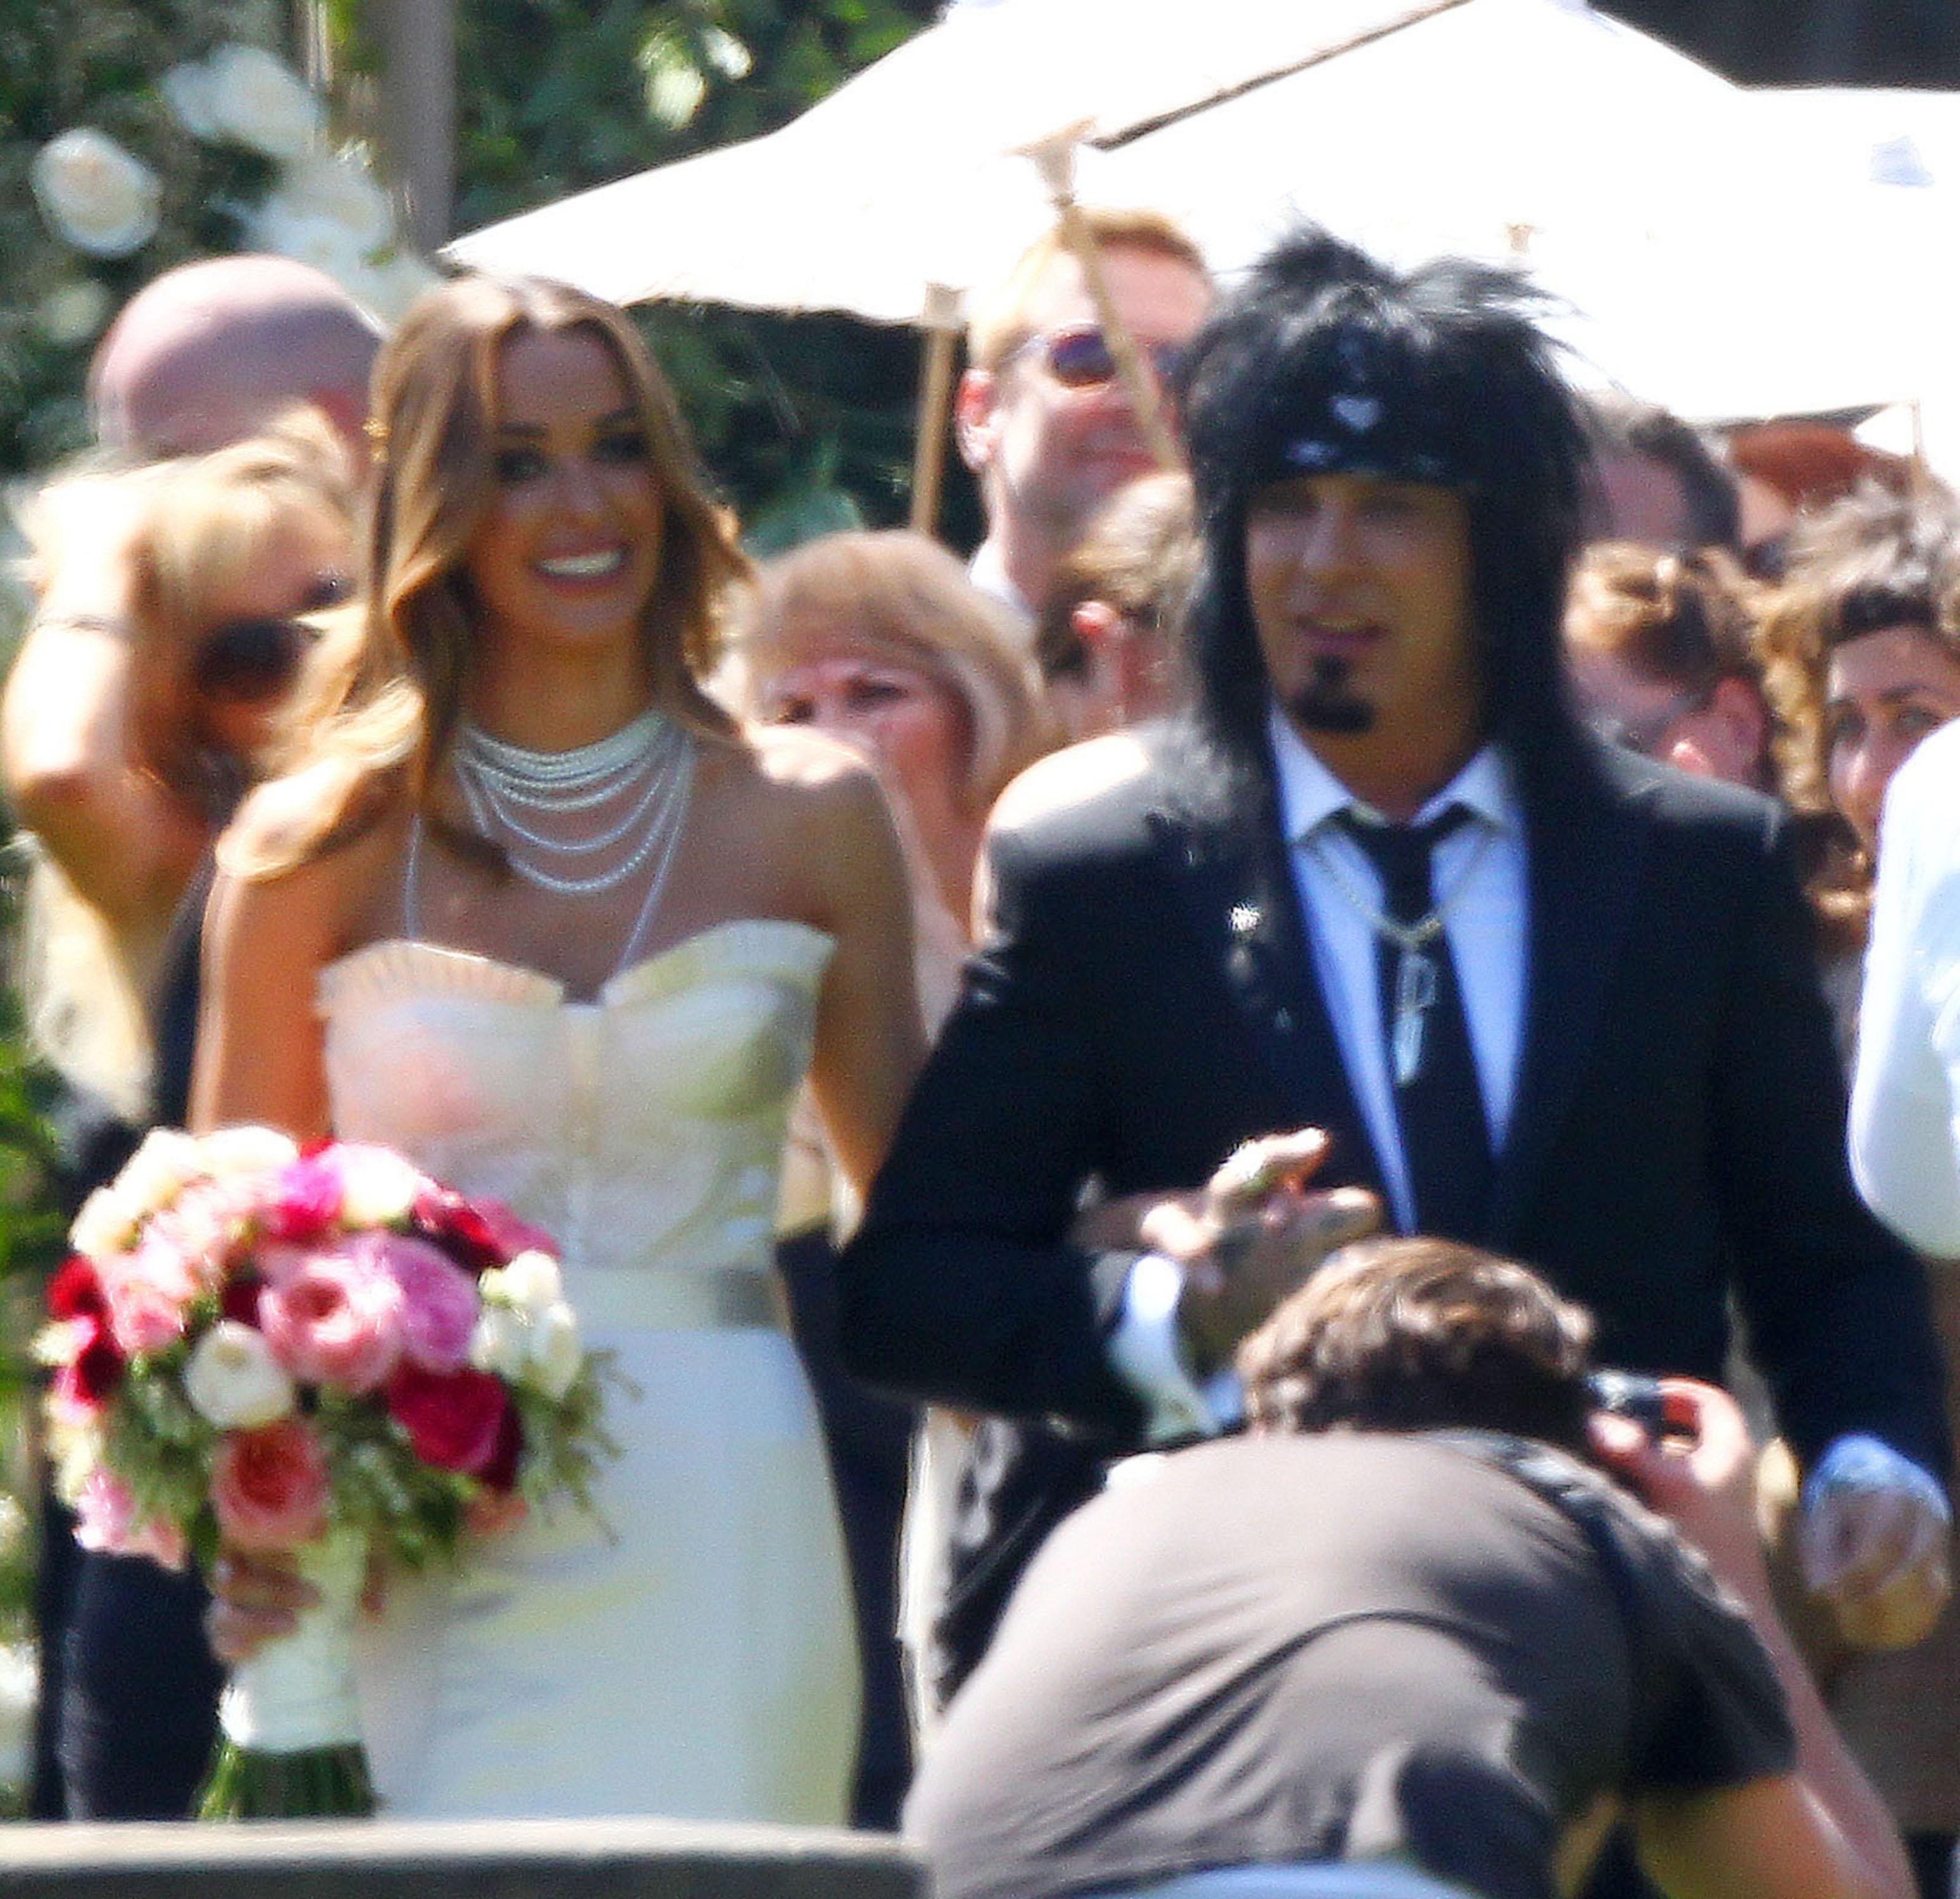 Courtney Bingham Nikki Sixx Wedding